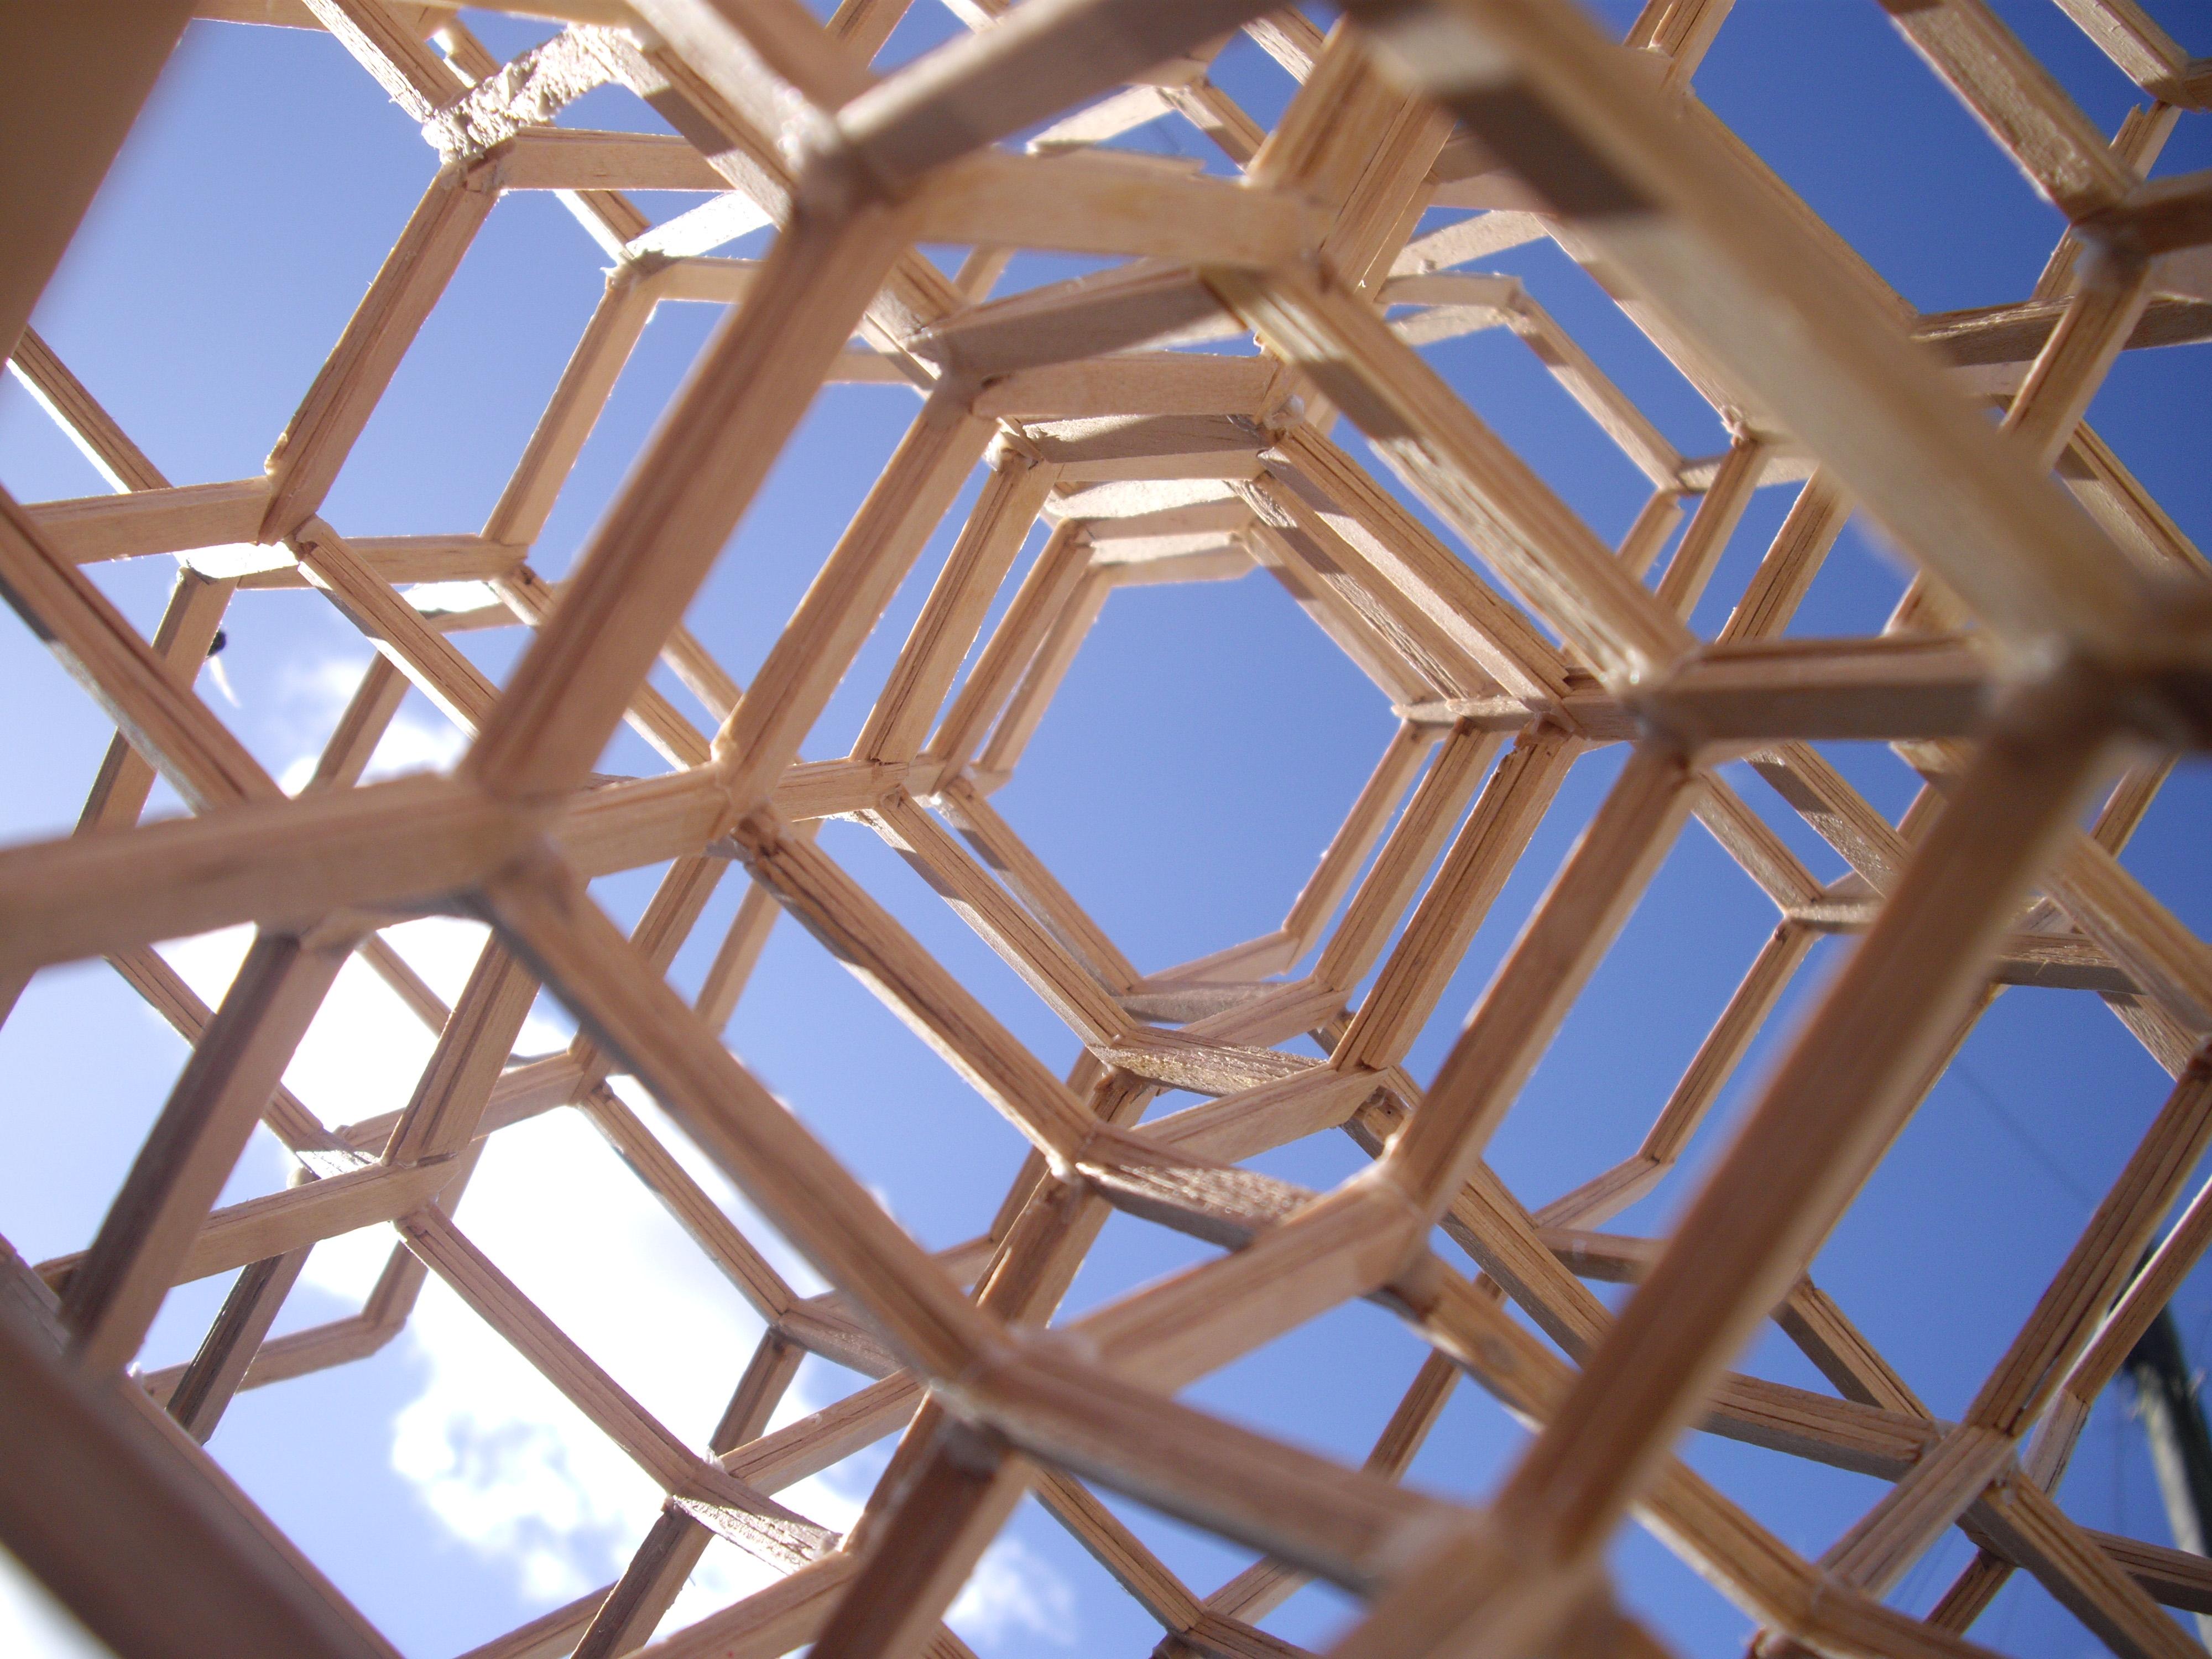 Oooo - pretty framework!